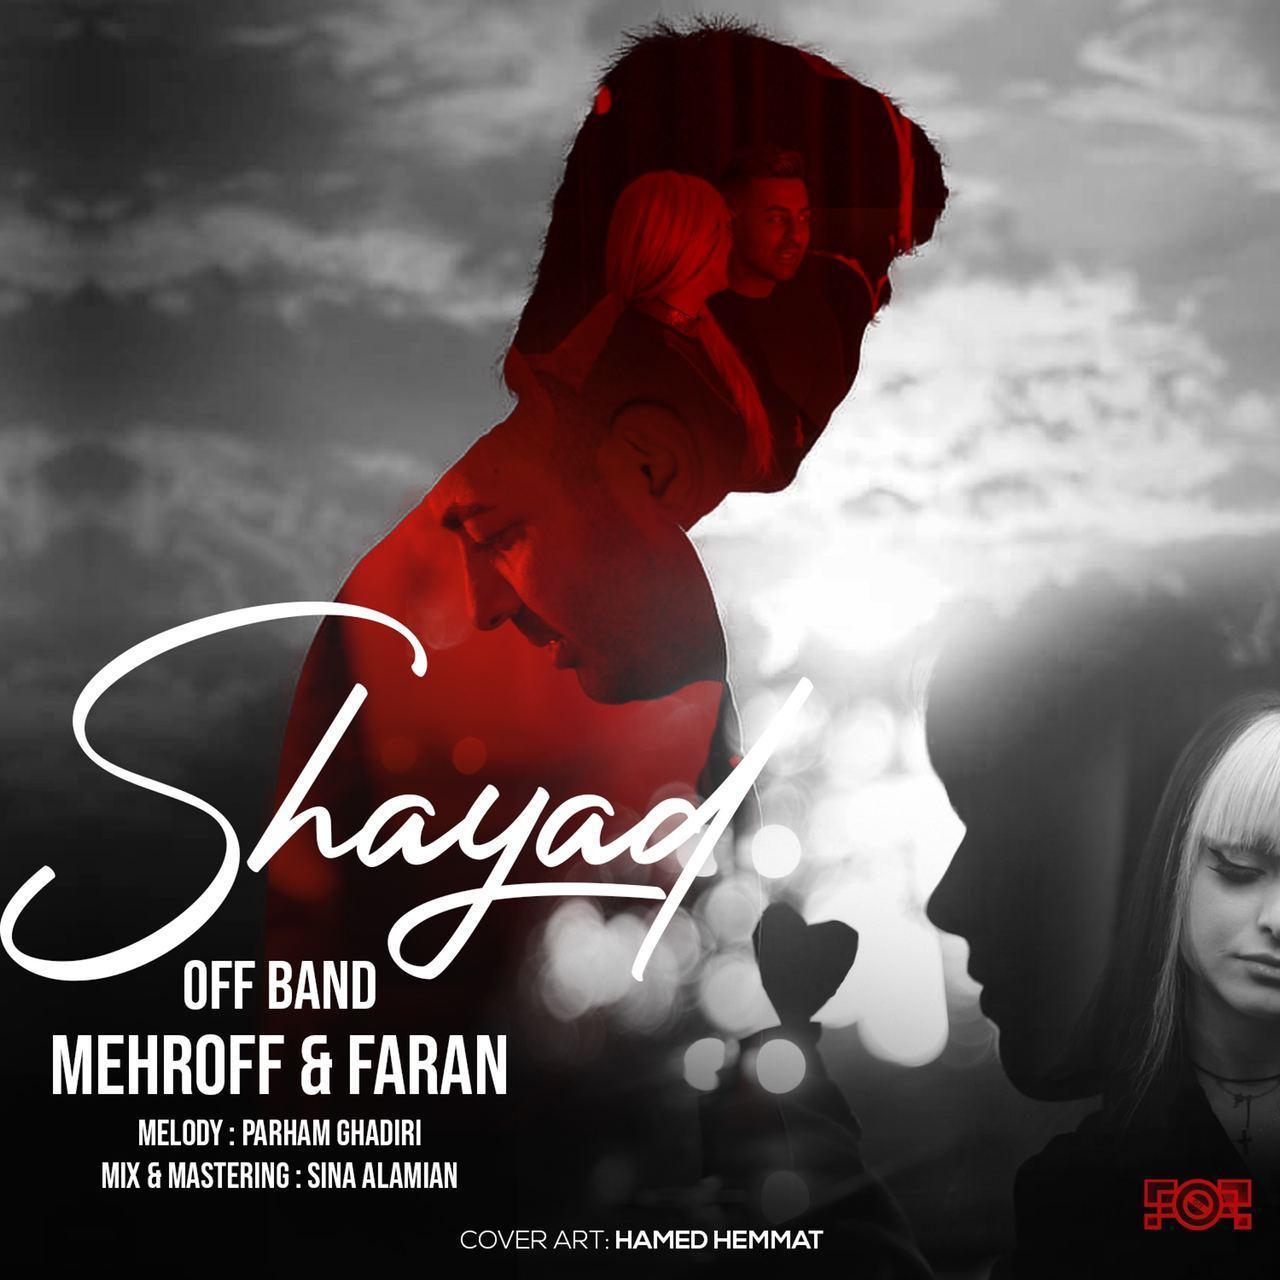 Off Babd – Shayad